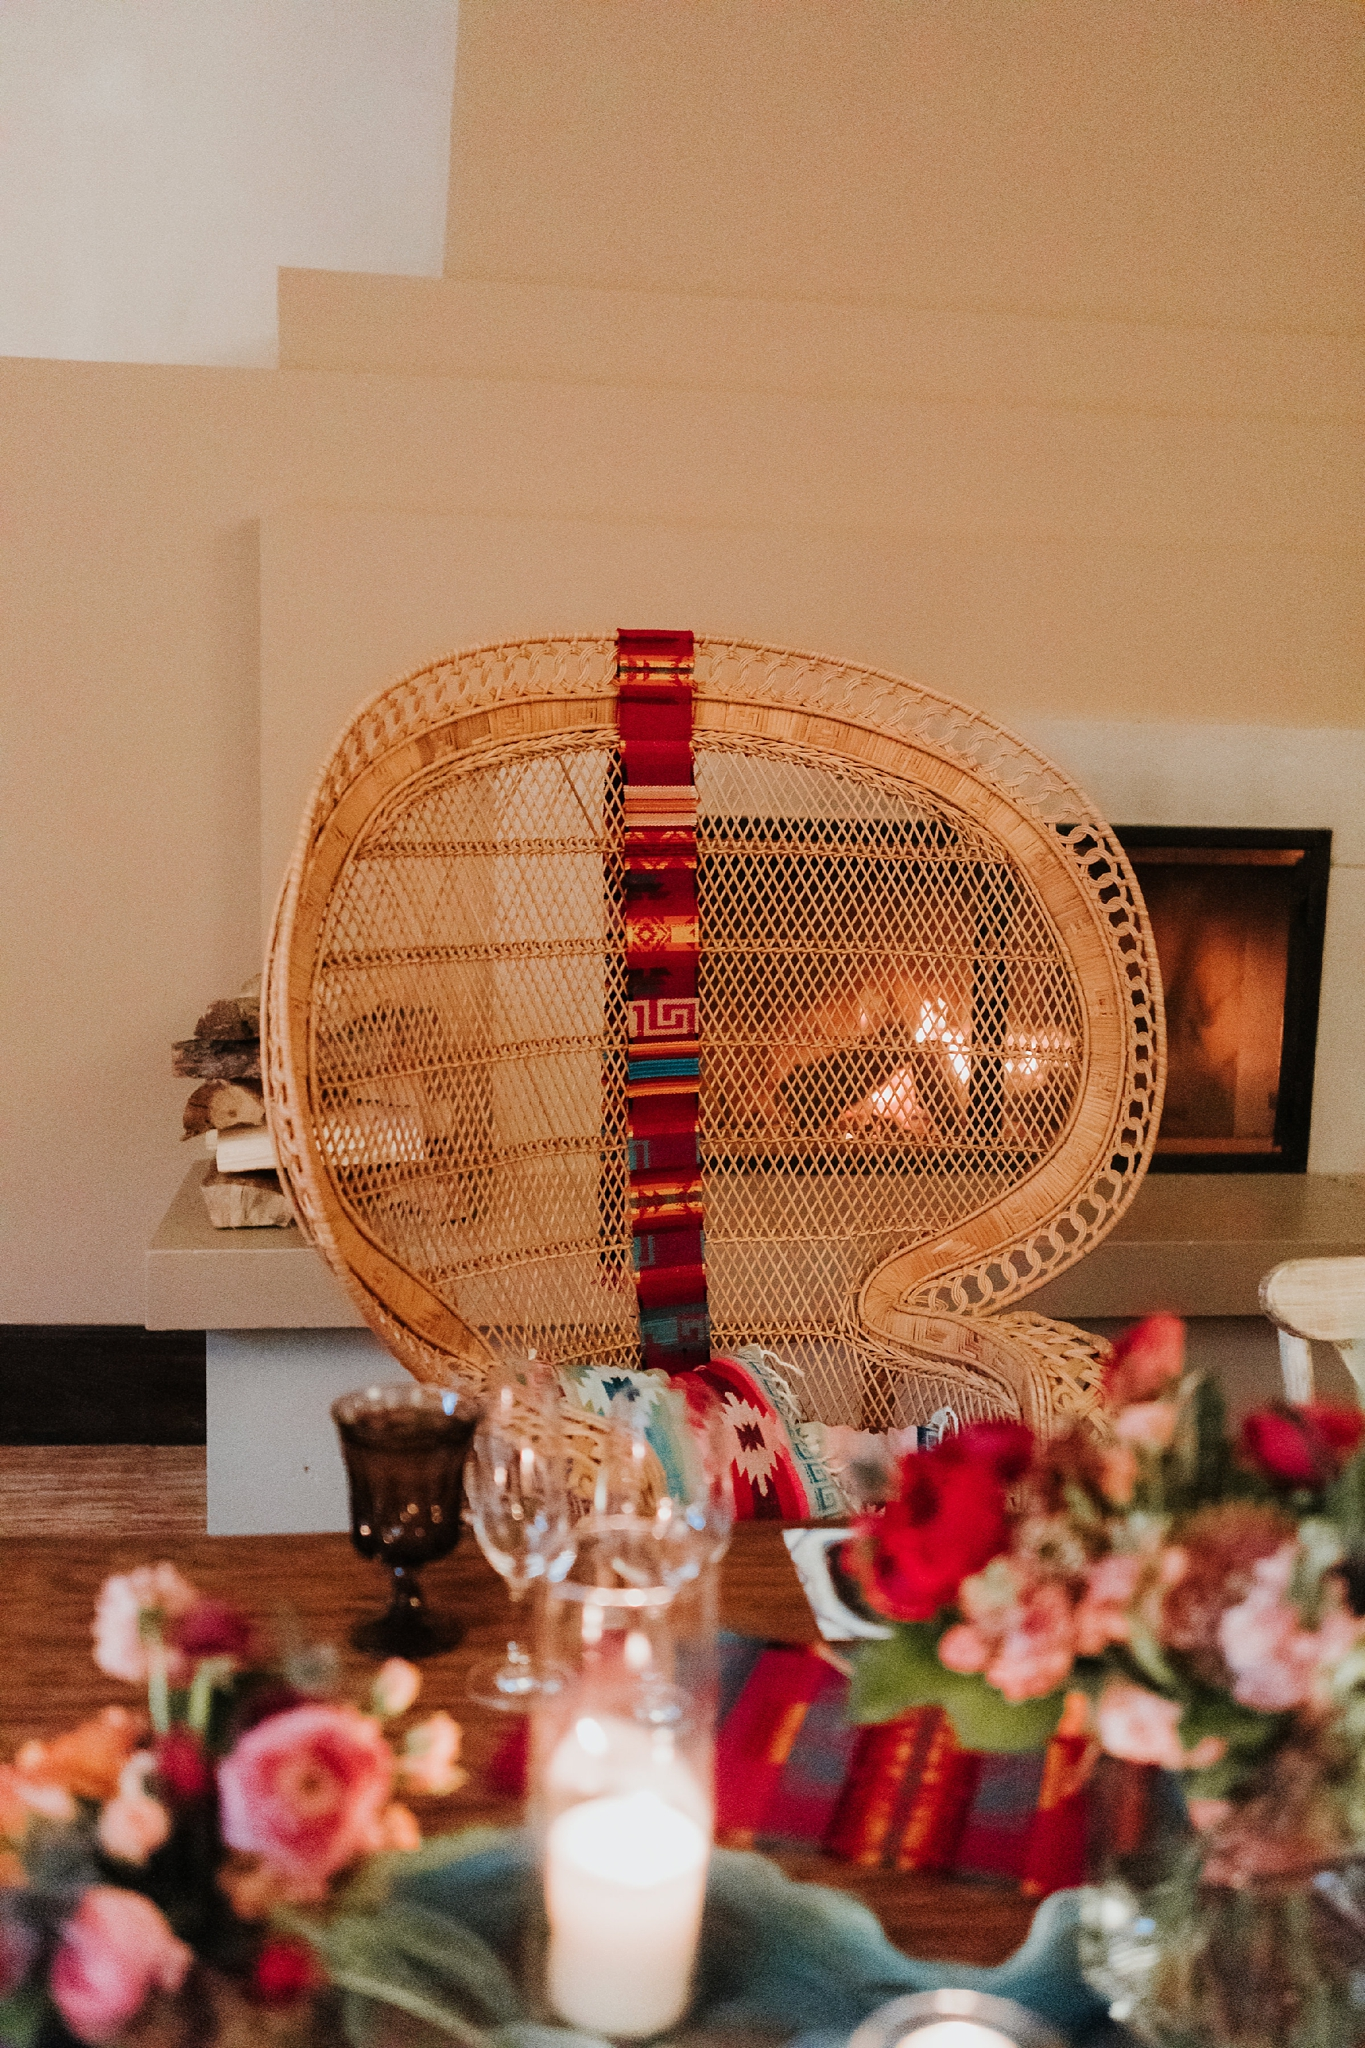 Alicia+lucia+photography+-+albuquerque+wedding+photographer+-+santa+fe+wedding+photography+-+new+mexico+wedding+photographer+-+new+mexico+wedding+-+new+mexico+wedding+-+wedding+planner+-+wedding+rentals+-+new+mexico+wedding+vendor_0047.jpg